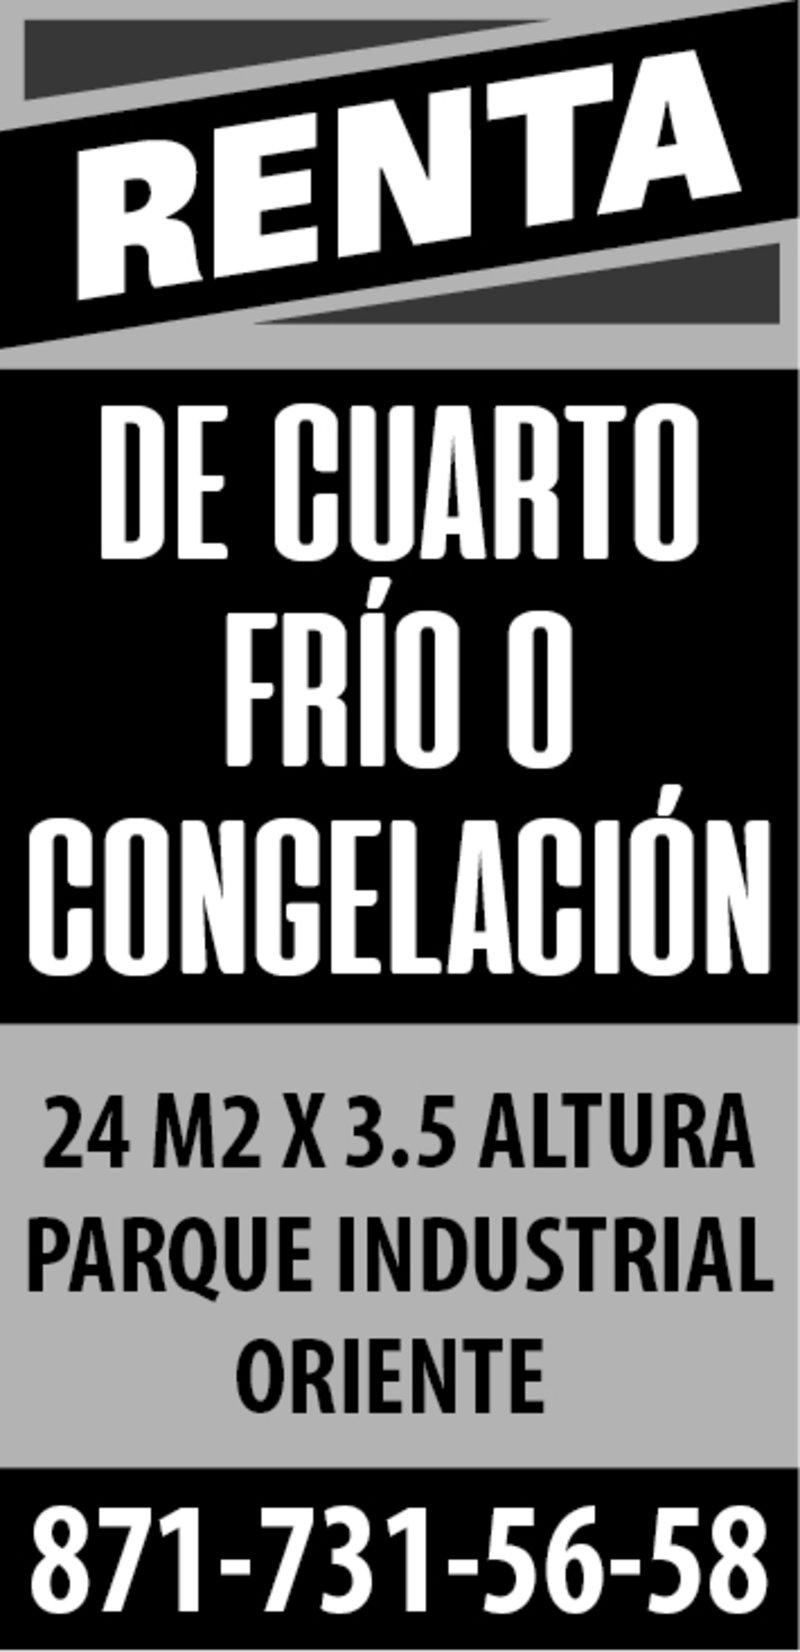 RENTA DE CUARTO FRIO